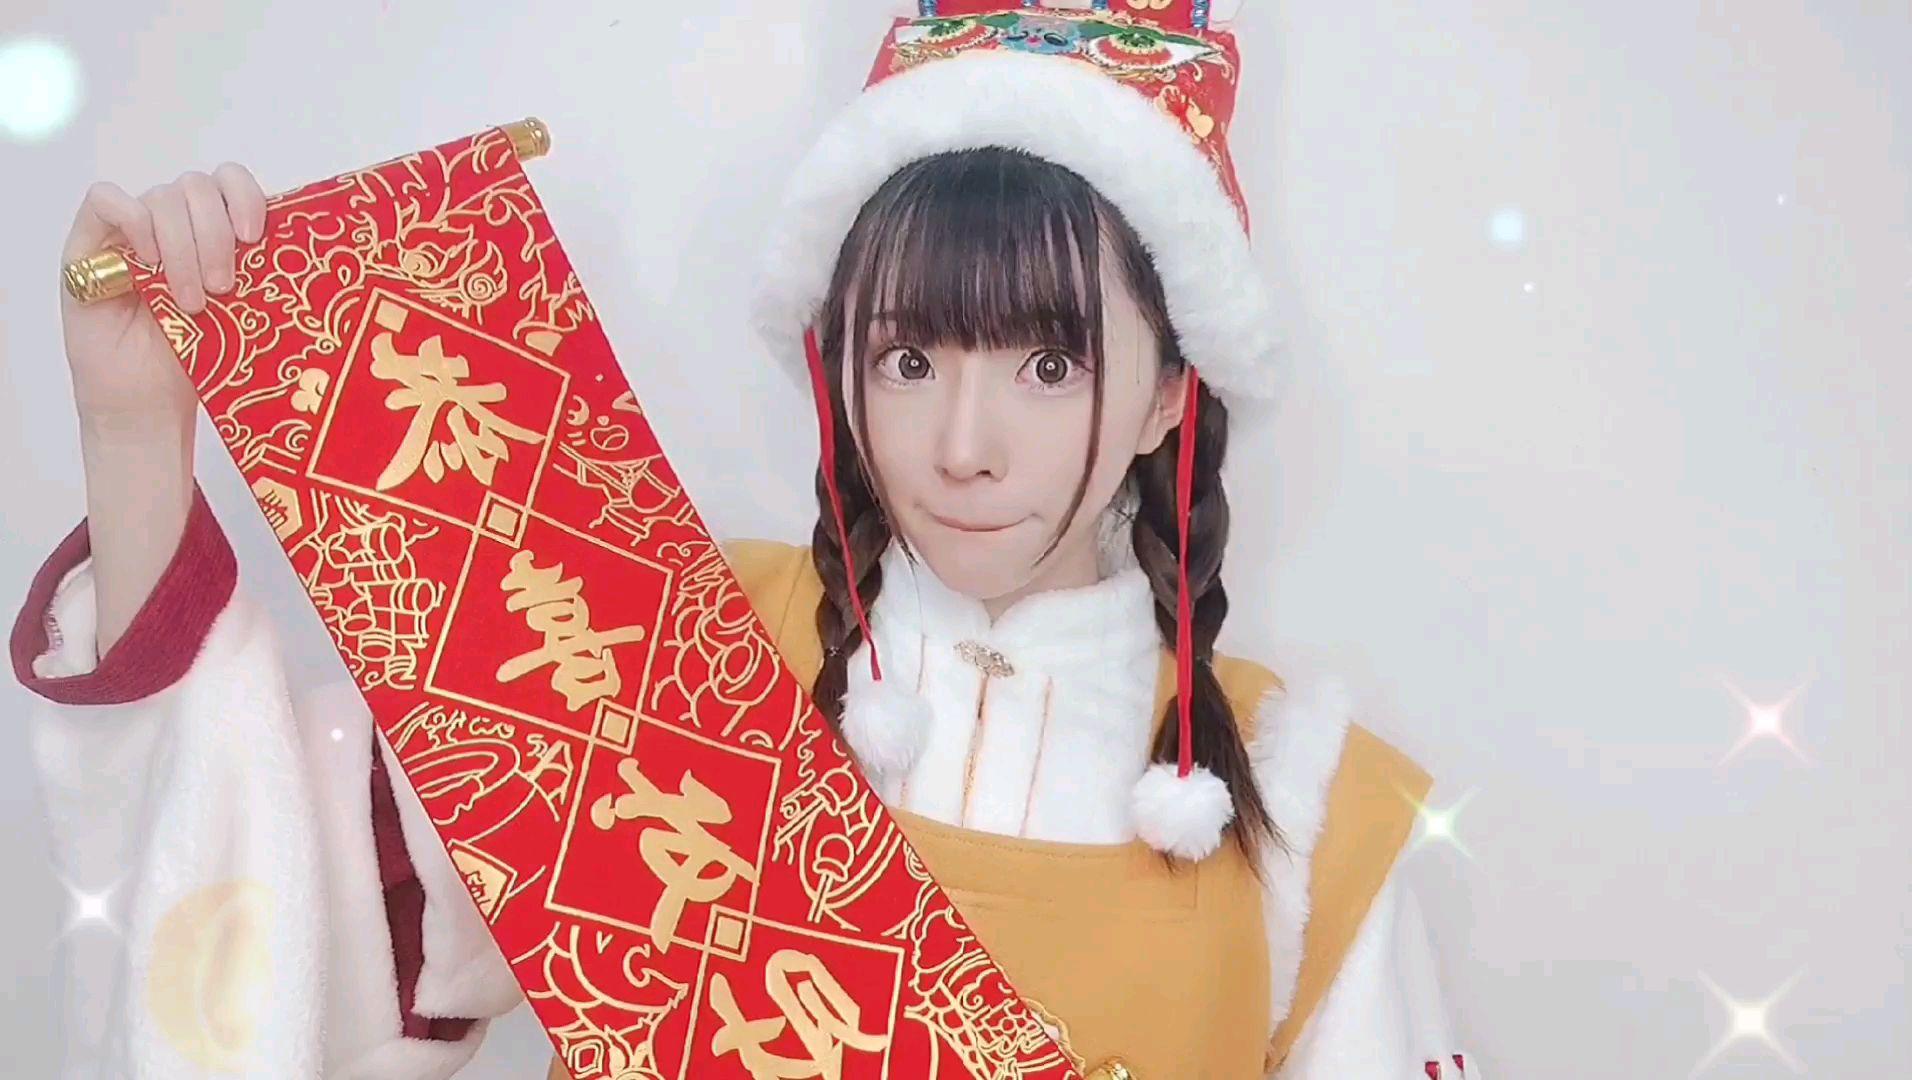 【绮太郎】小绮祝acer们新年快乐!